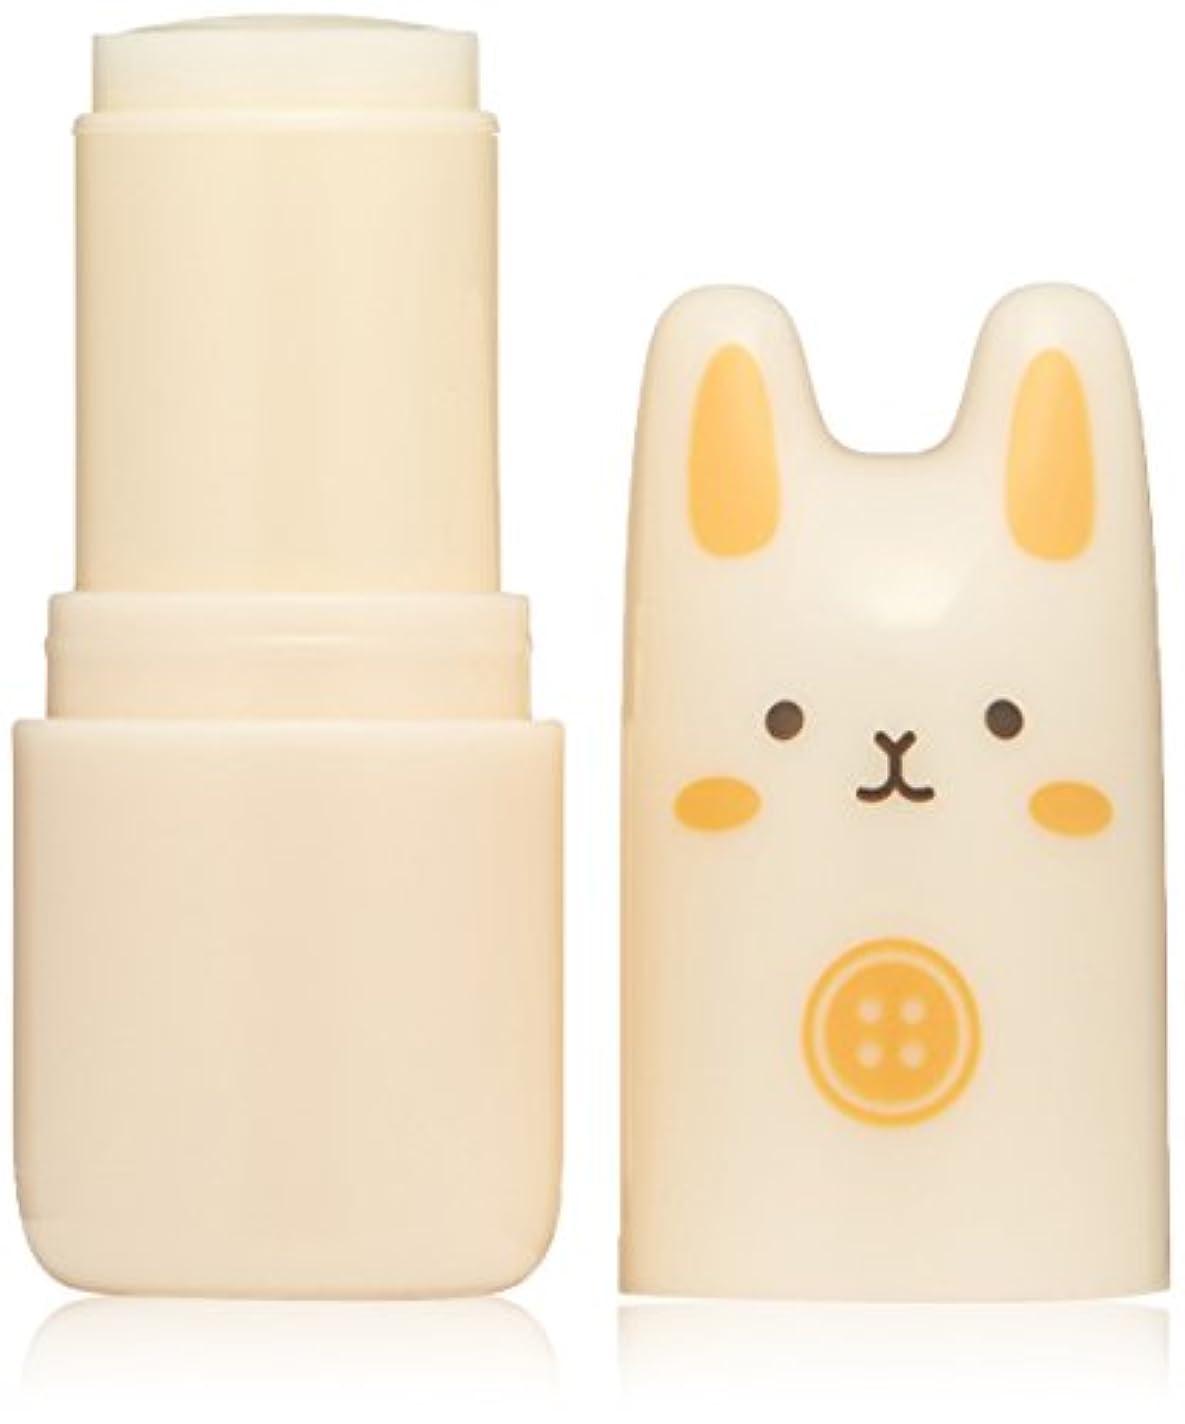 血色の良い地殻抽出TONYMOLY Pocket Bunny Perfume Bar Bebe Bunny 01 (並行輸入品)